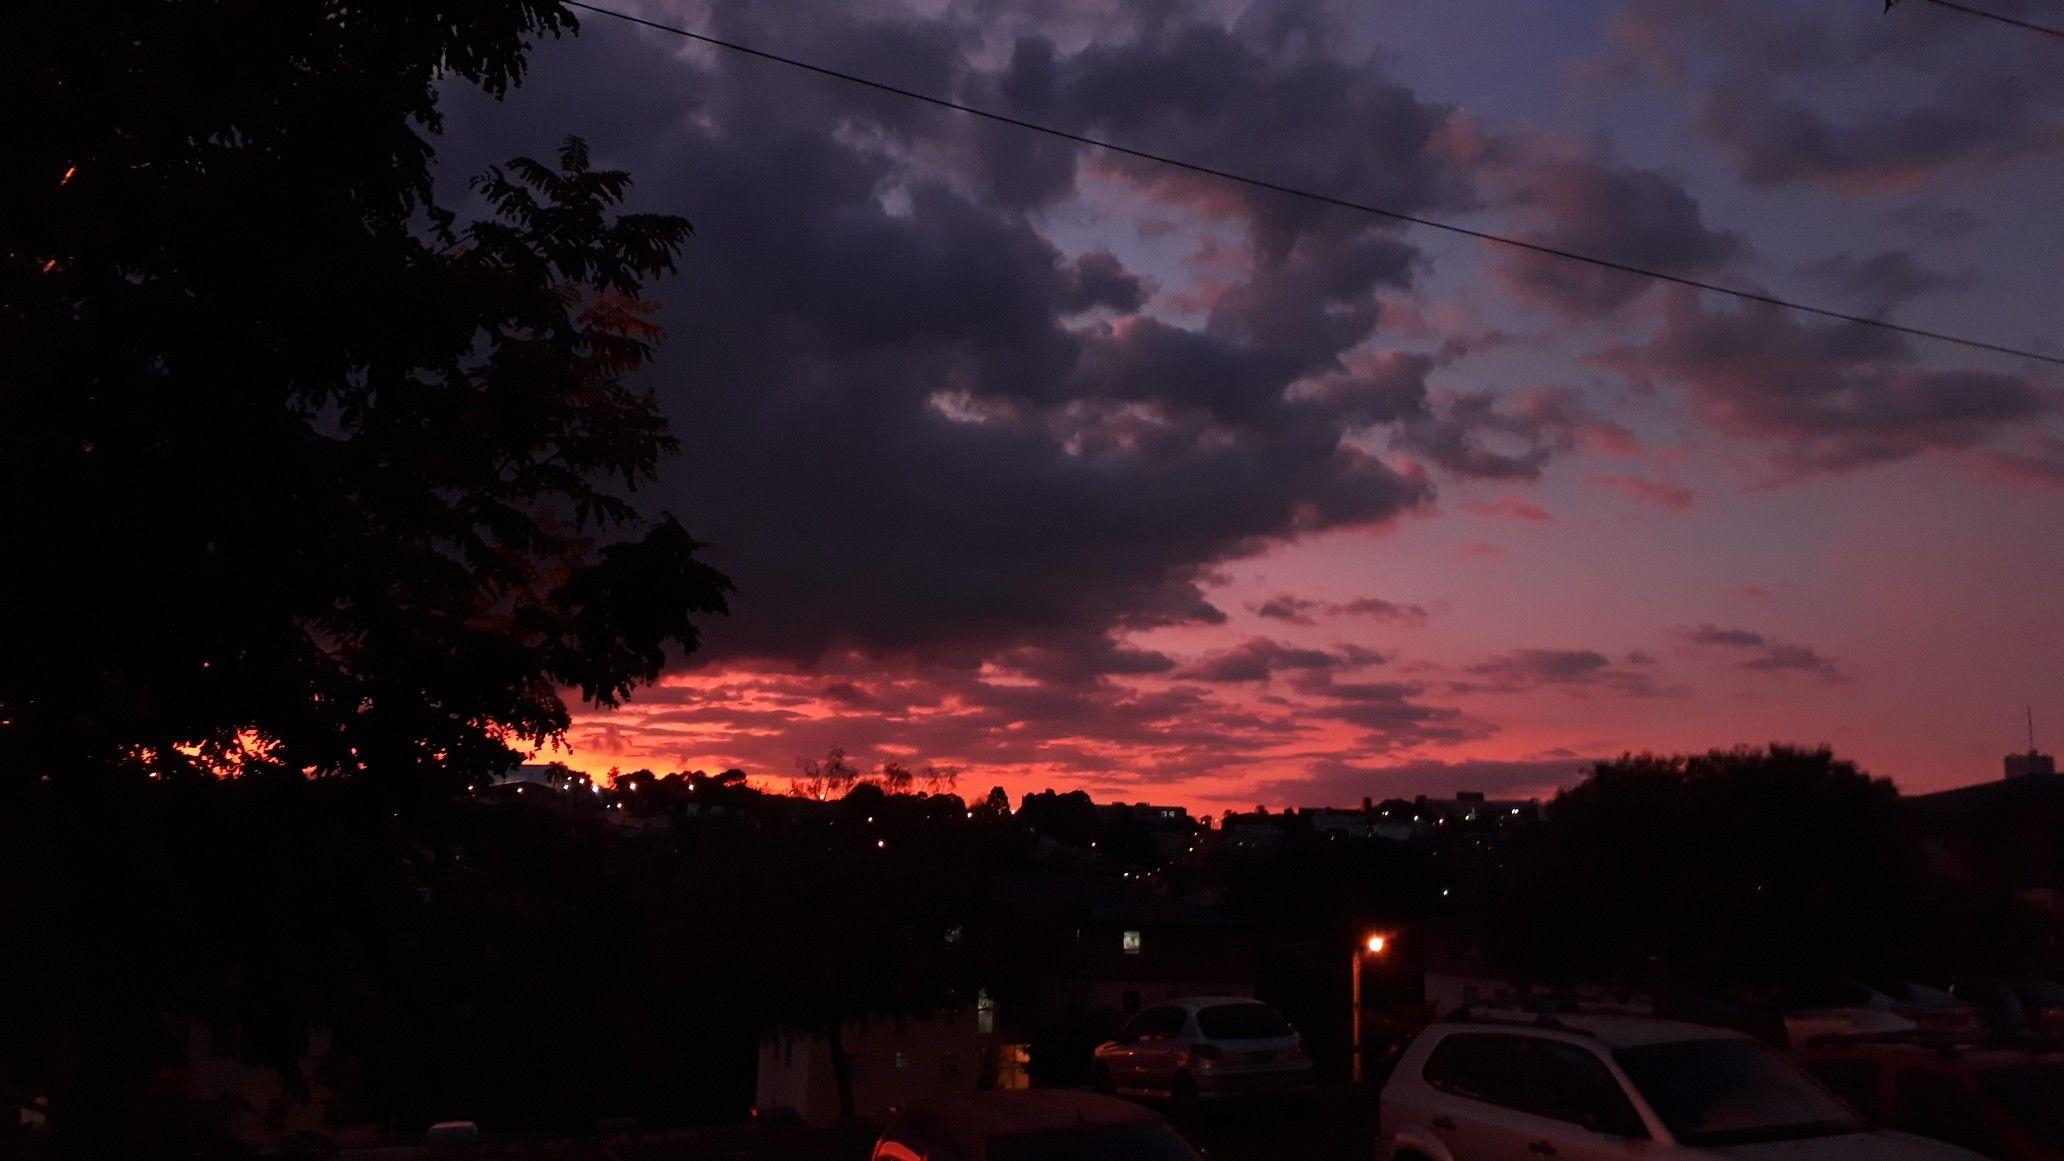 Pin de Madlen em Sunset Céu tumblr, Inspiração, Paisagens